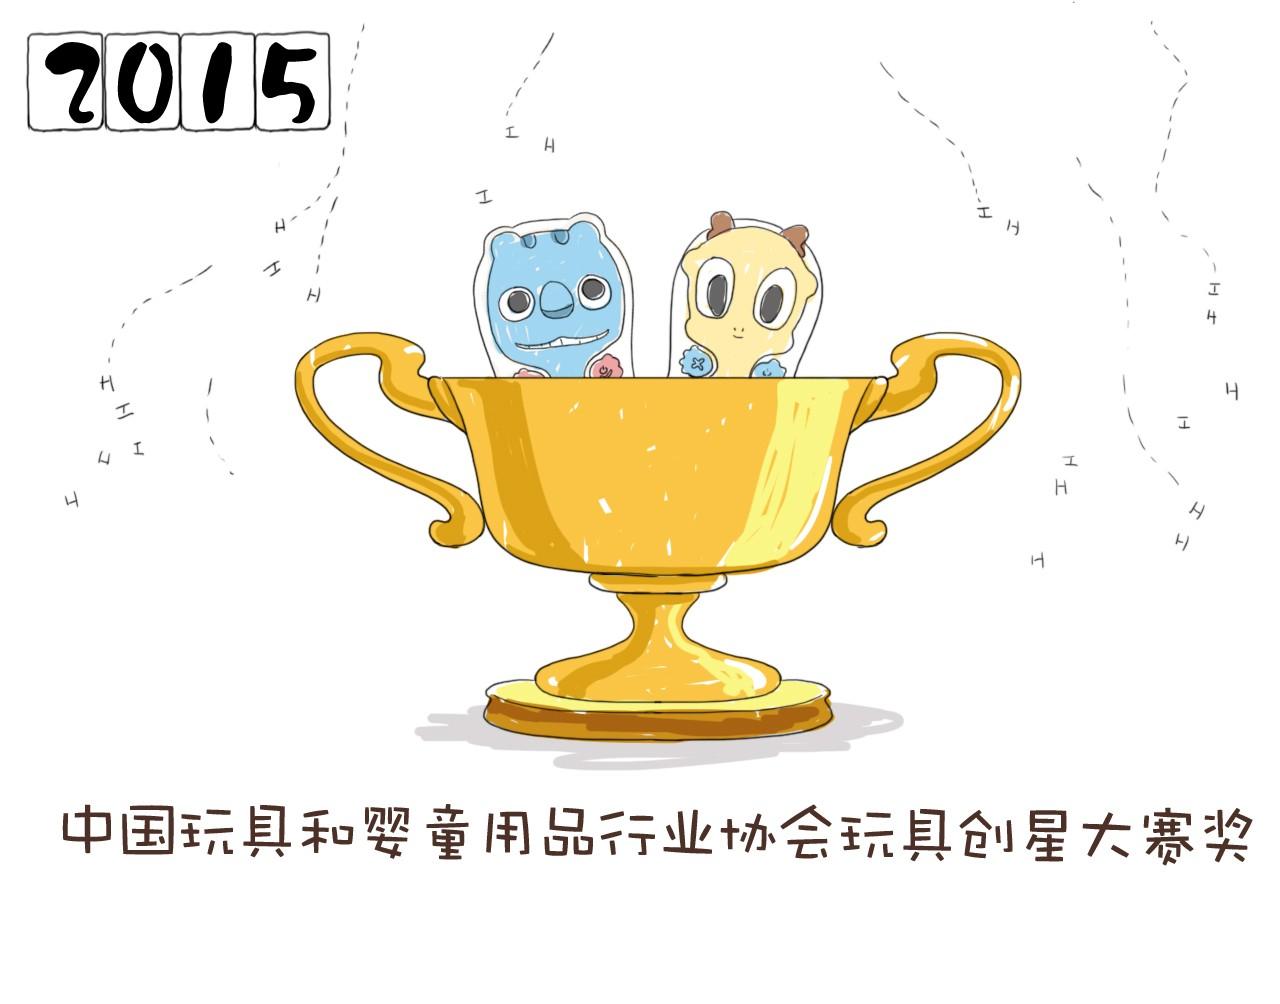 17-代理商大会三期 -创星大赛奖